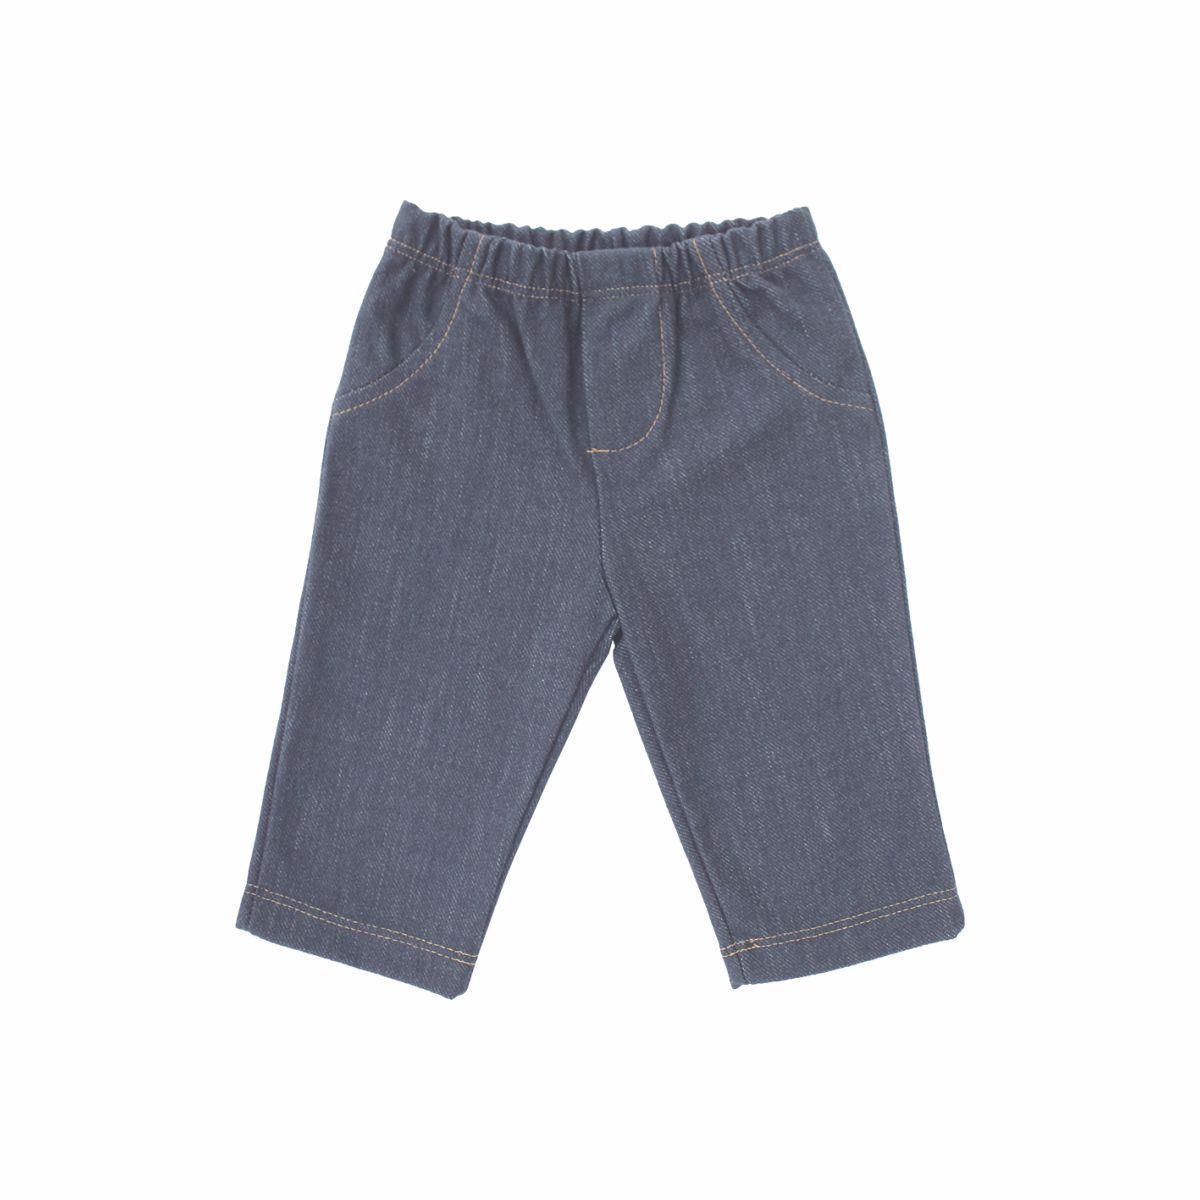 Calça Masc Estilo Jeans